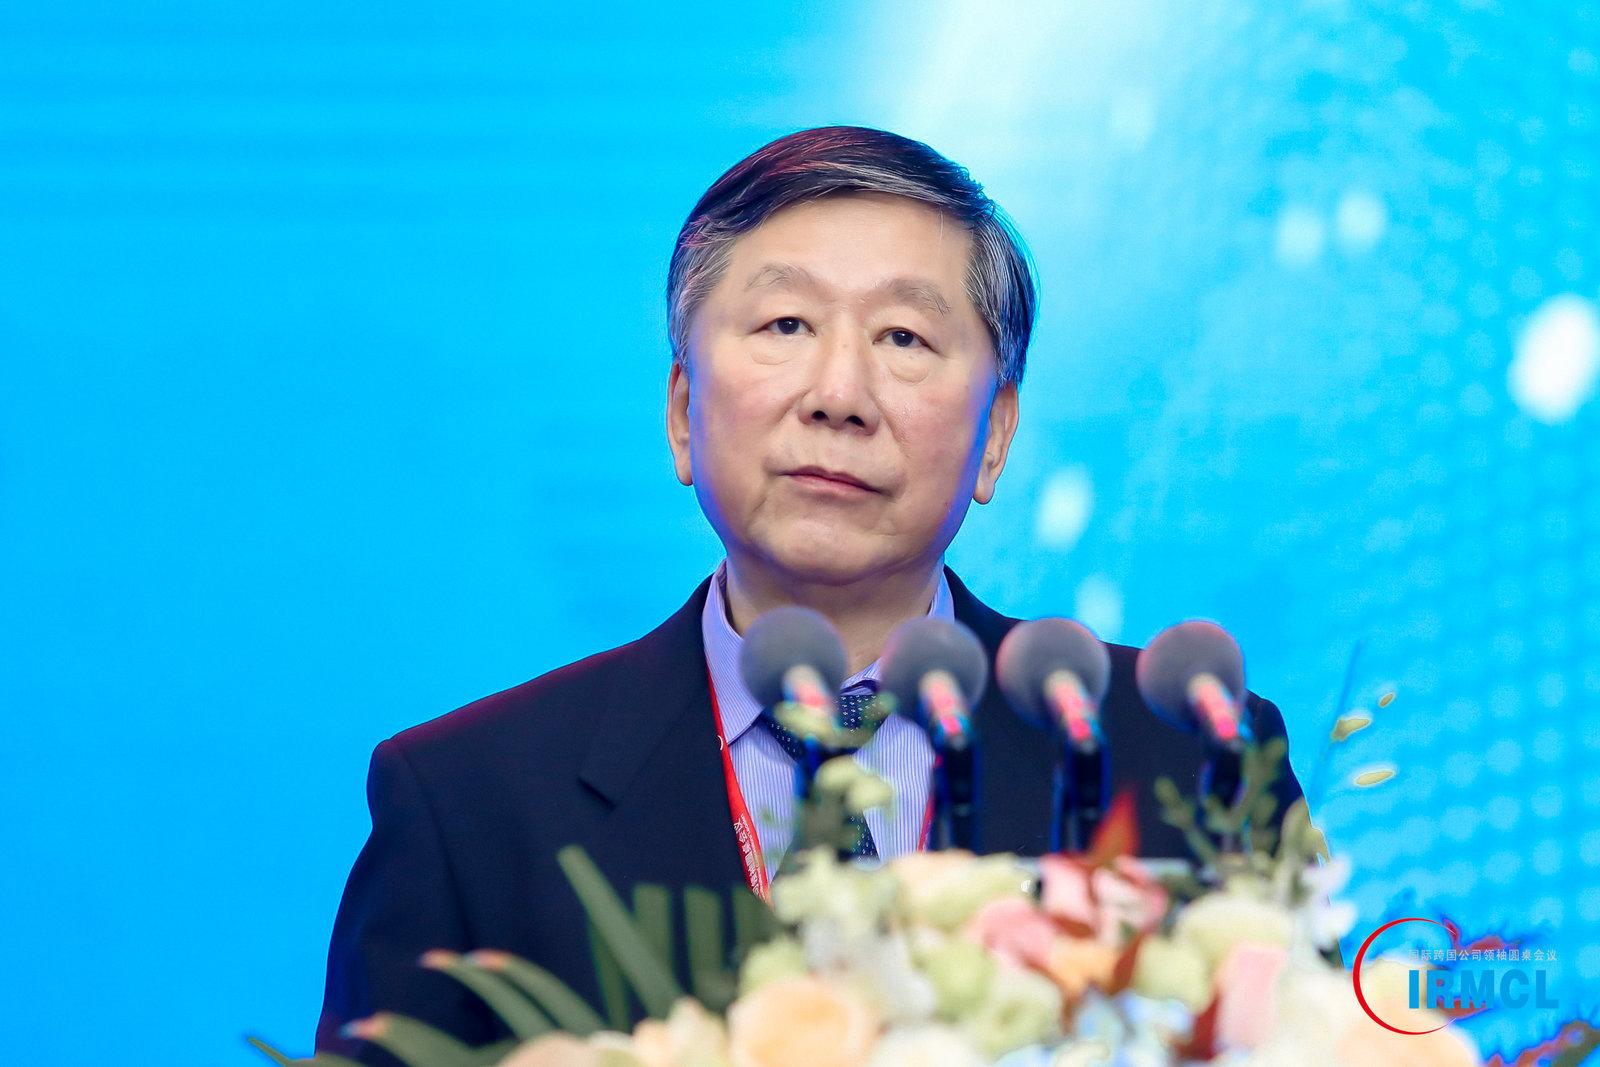 尚福林:中国金融扩大开放措施 正按宜早不宜迟、宜快不宜慢原则落地